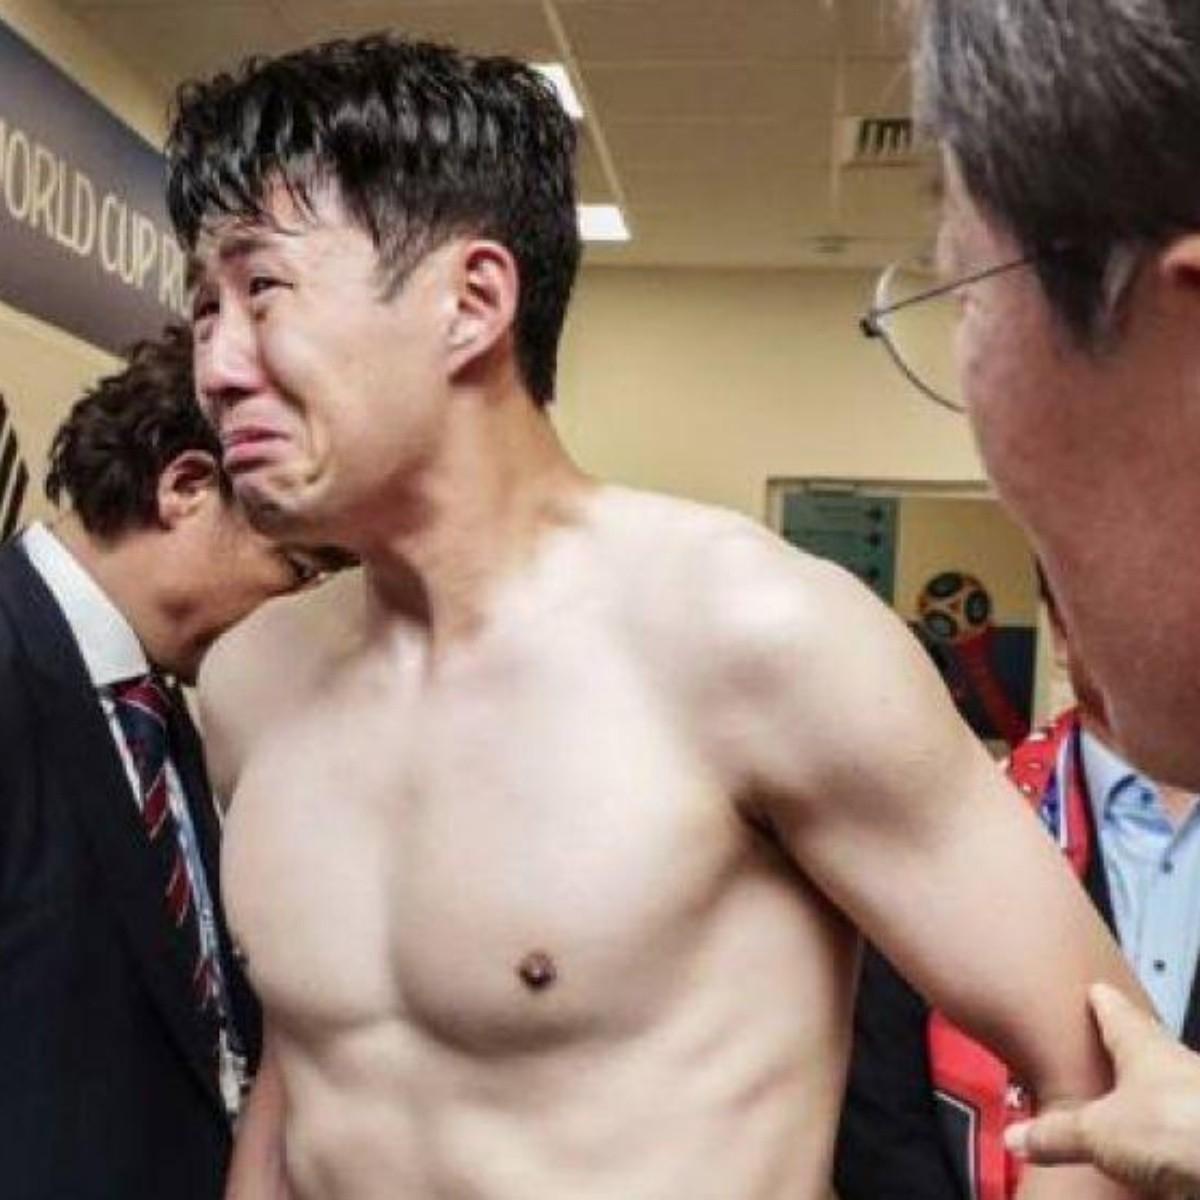 La triste historia detrás del llanto de Son Heung-Min | Bolavip